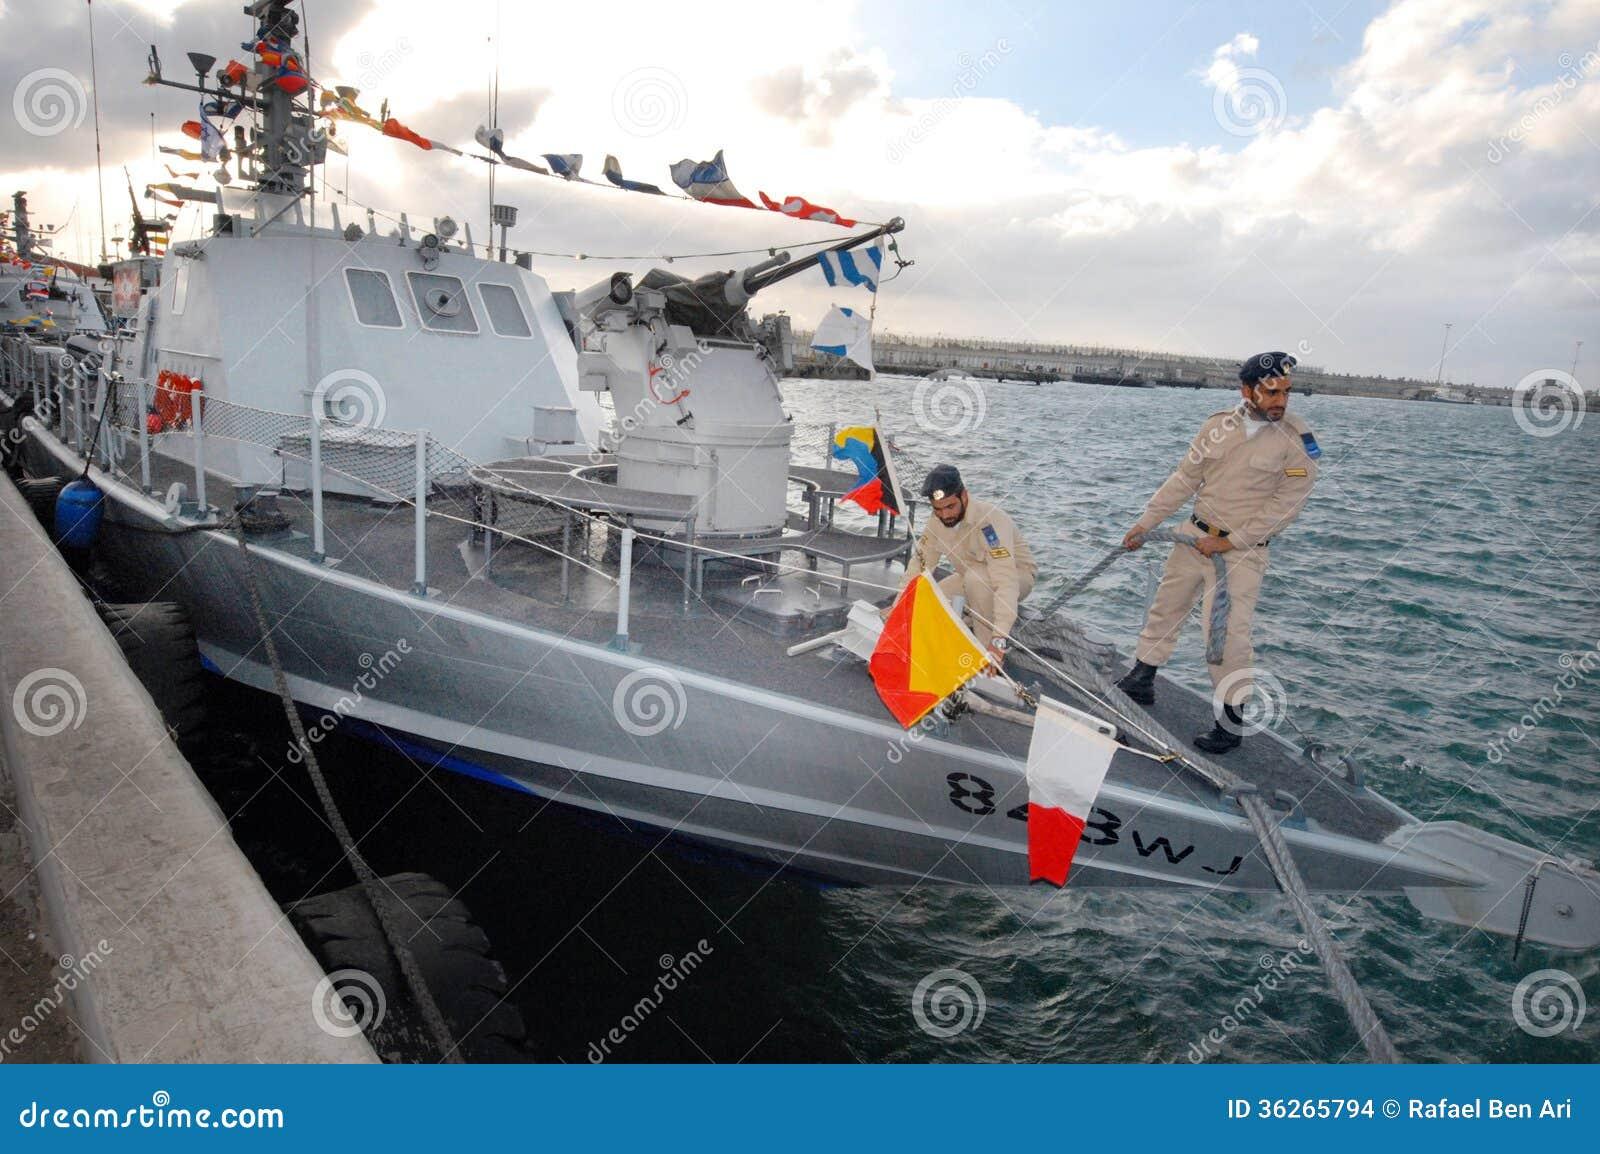 Israel Navy Super Dvora Mk III-class Patrol Boat Editorial